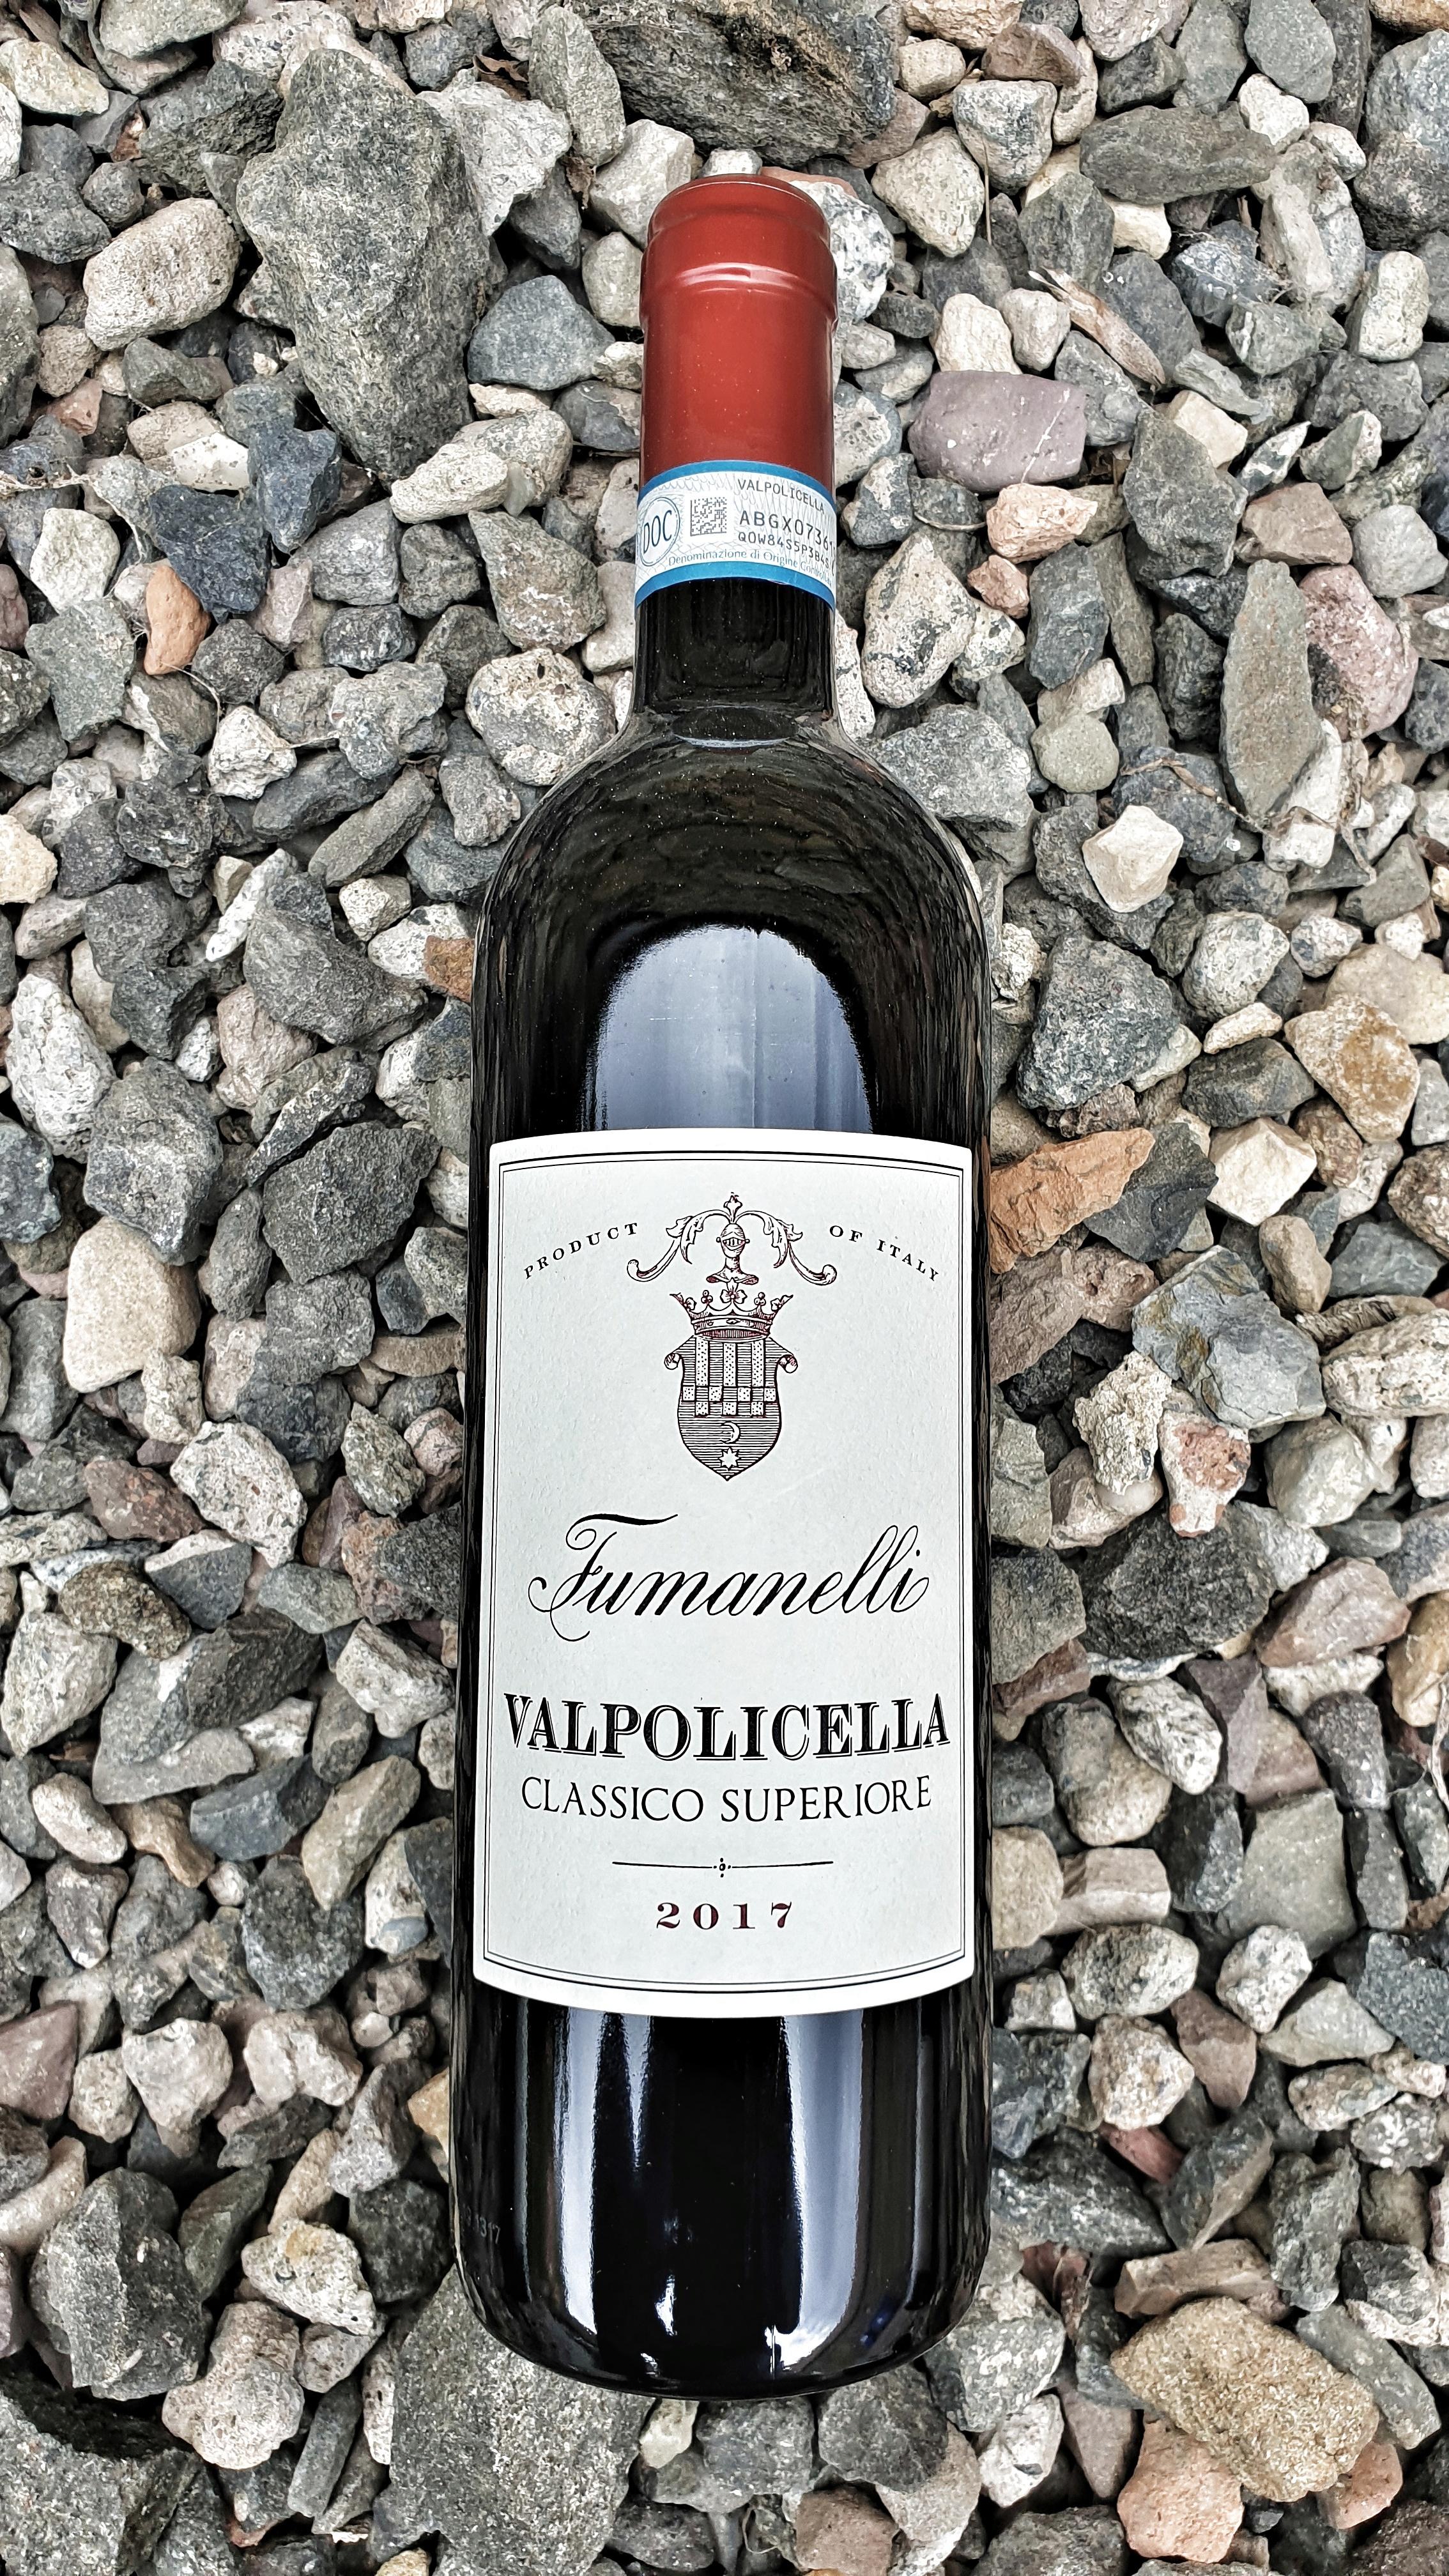 Valpolicella Classico Superiore Fumanelli 2017 00194